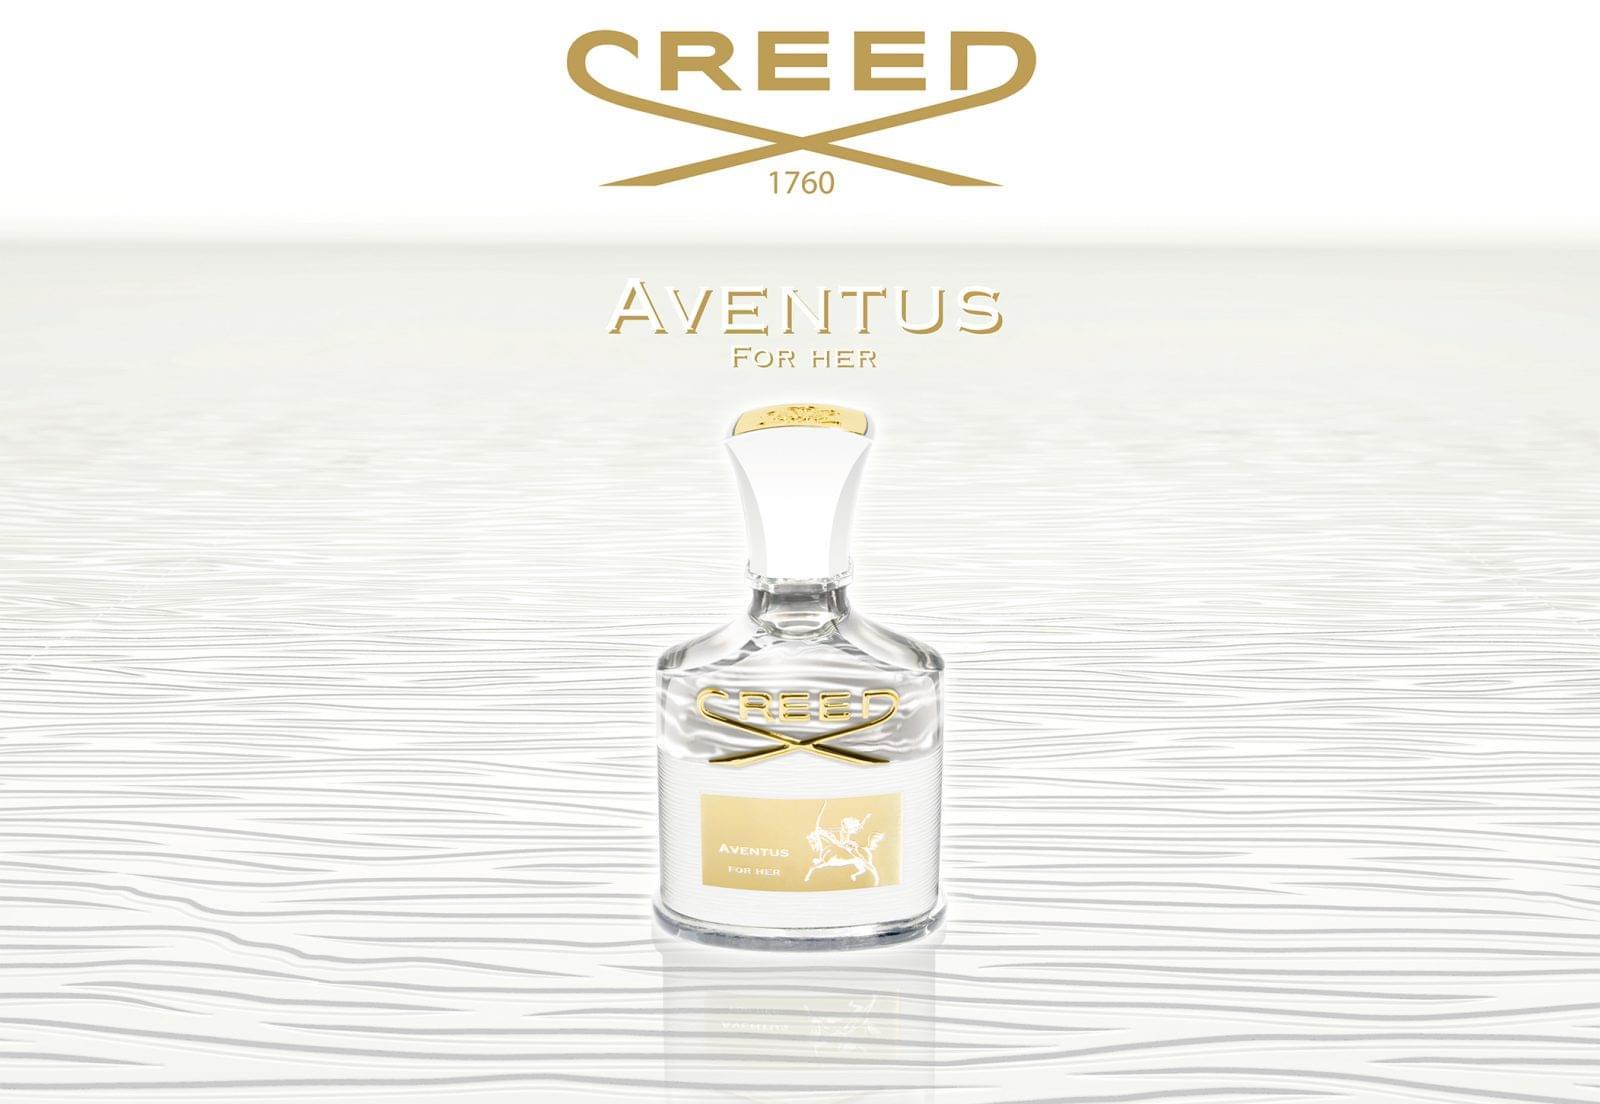 Nước Hoa Creed Aventus For Her EDP 75ml hương trái cây Chypre